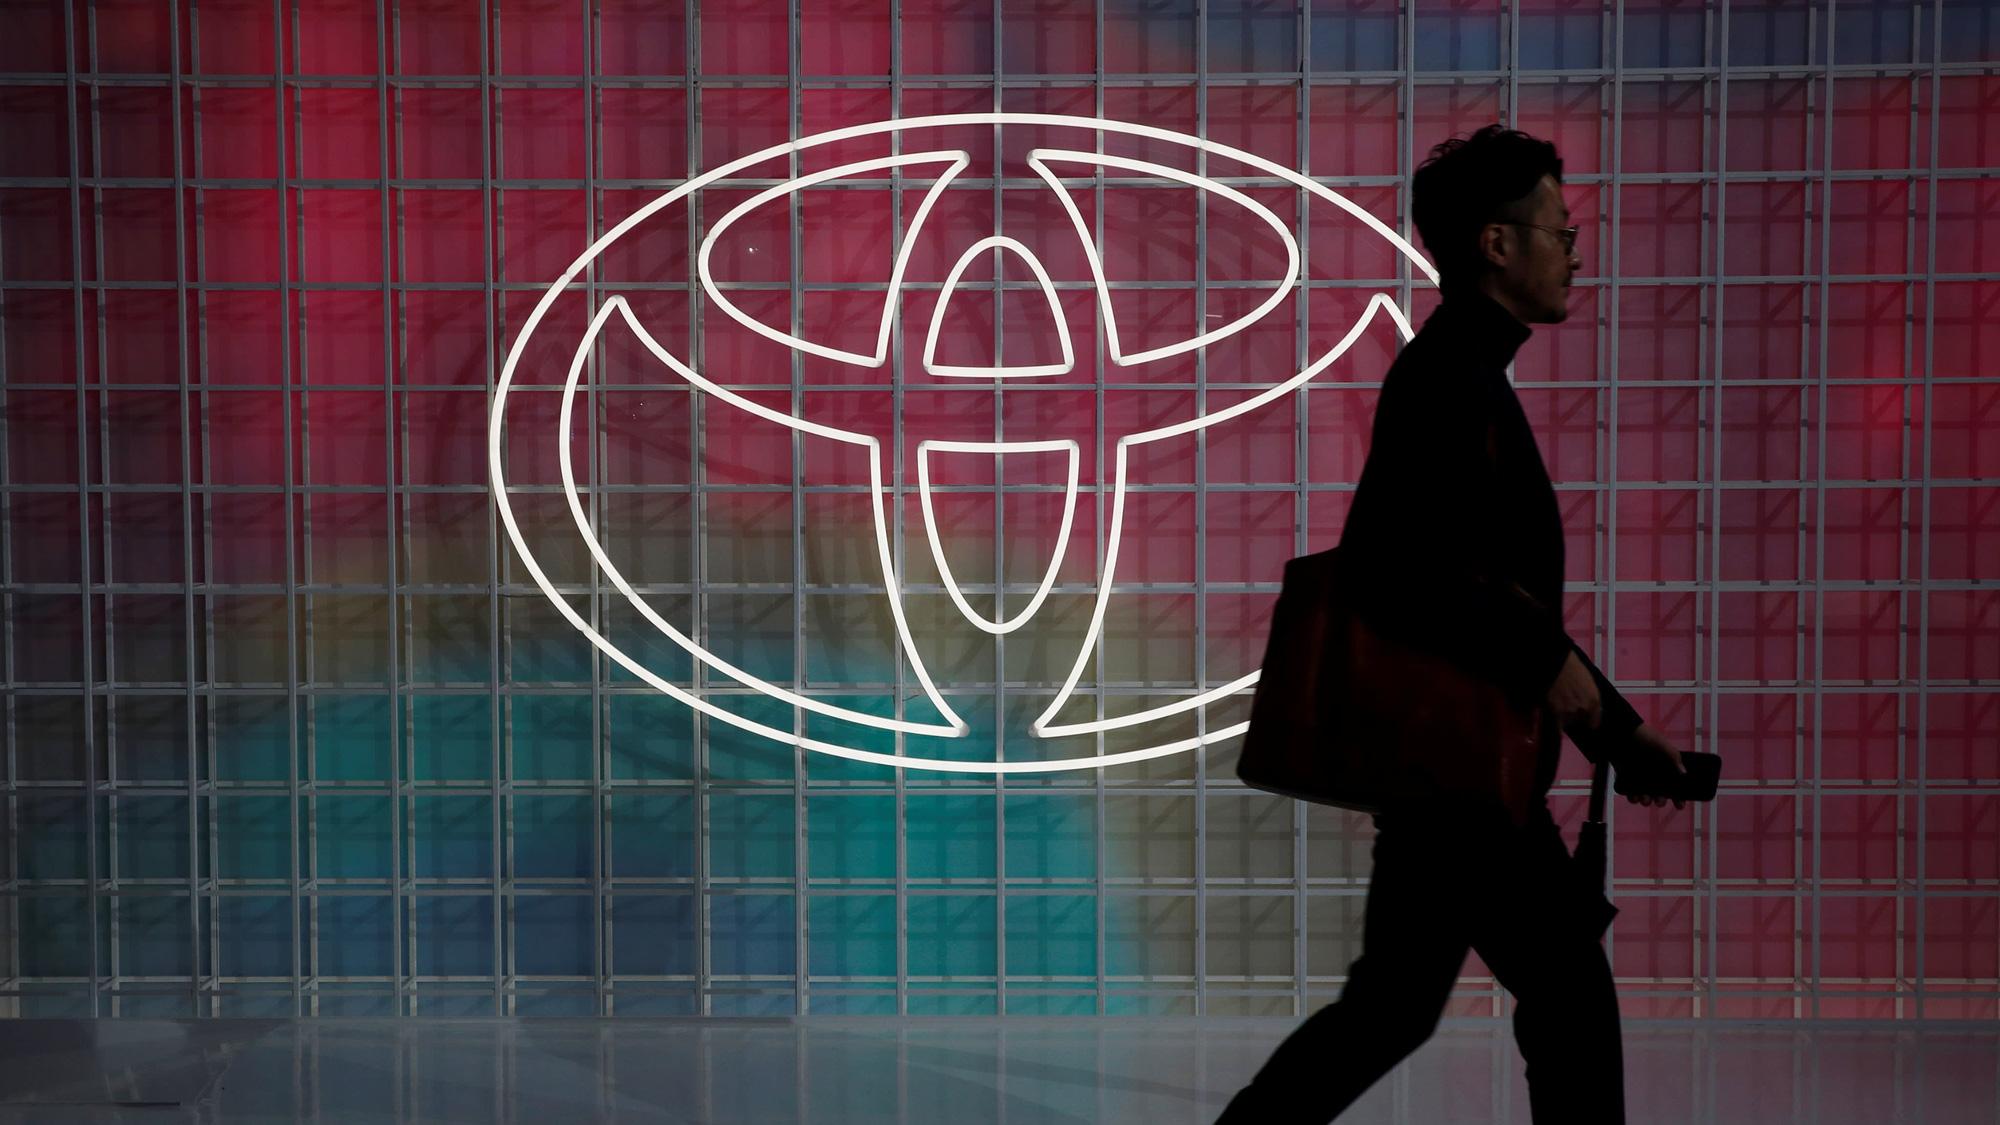 Doanh số giảm 70% Toyota vội vàng nối lại sản xuất tại Trung Quốc bất chấp dịch Covid - 19 - Ảnh 1.